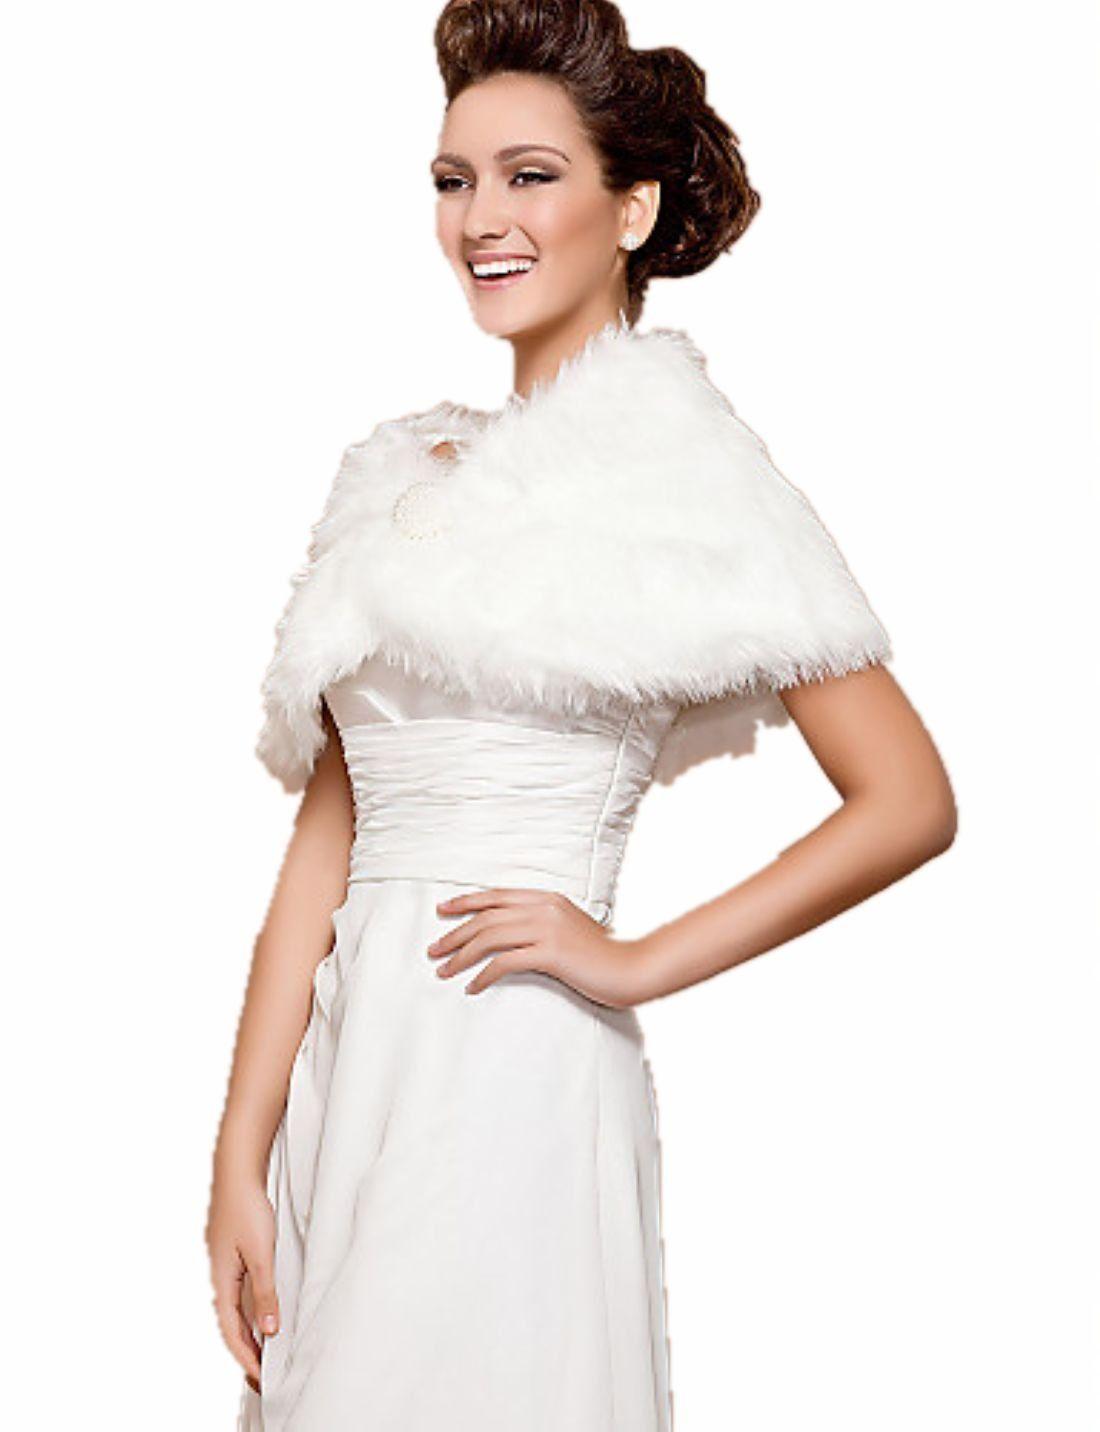 Fur wedding dress  New Ivory Faux Fur Wedding Bridal Shawl Wrap Stole  Indian wedding